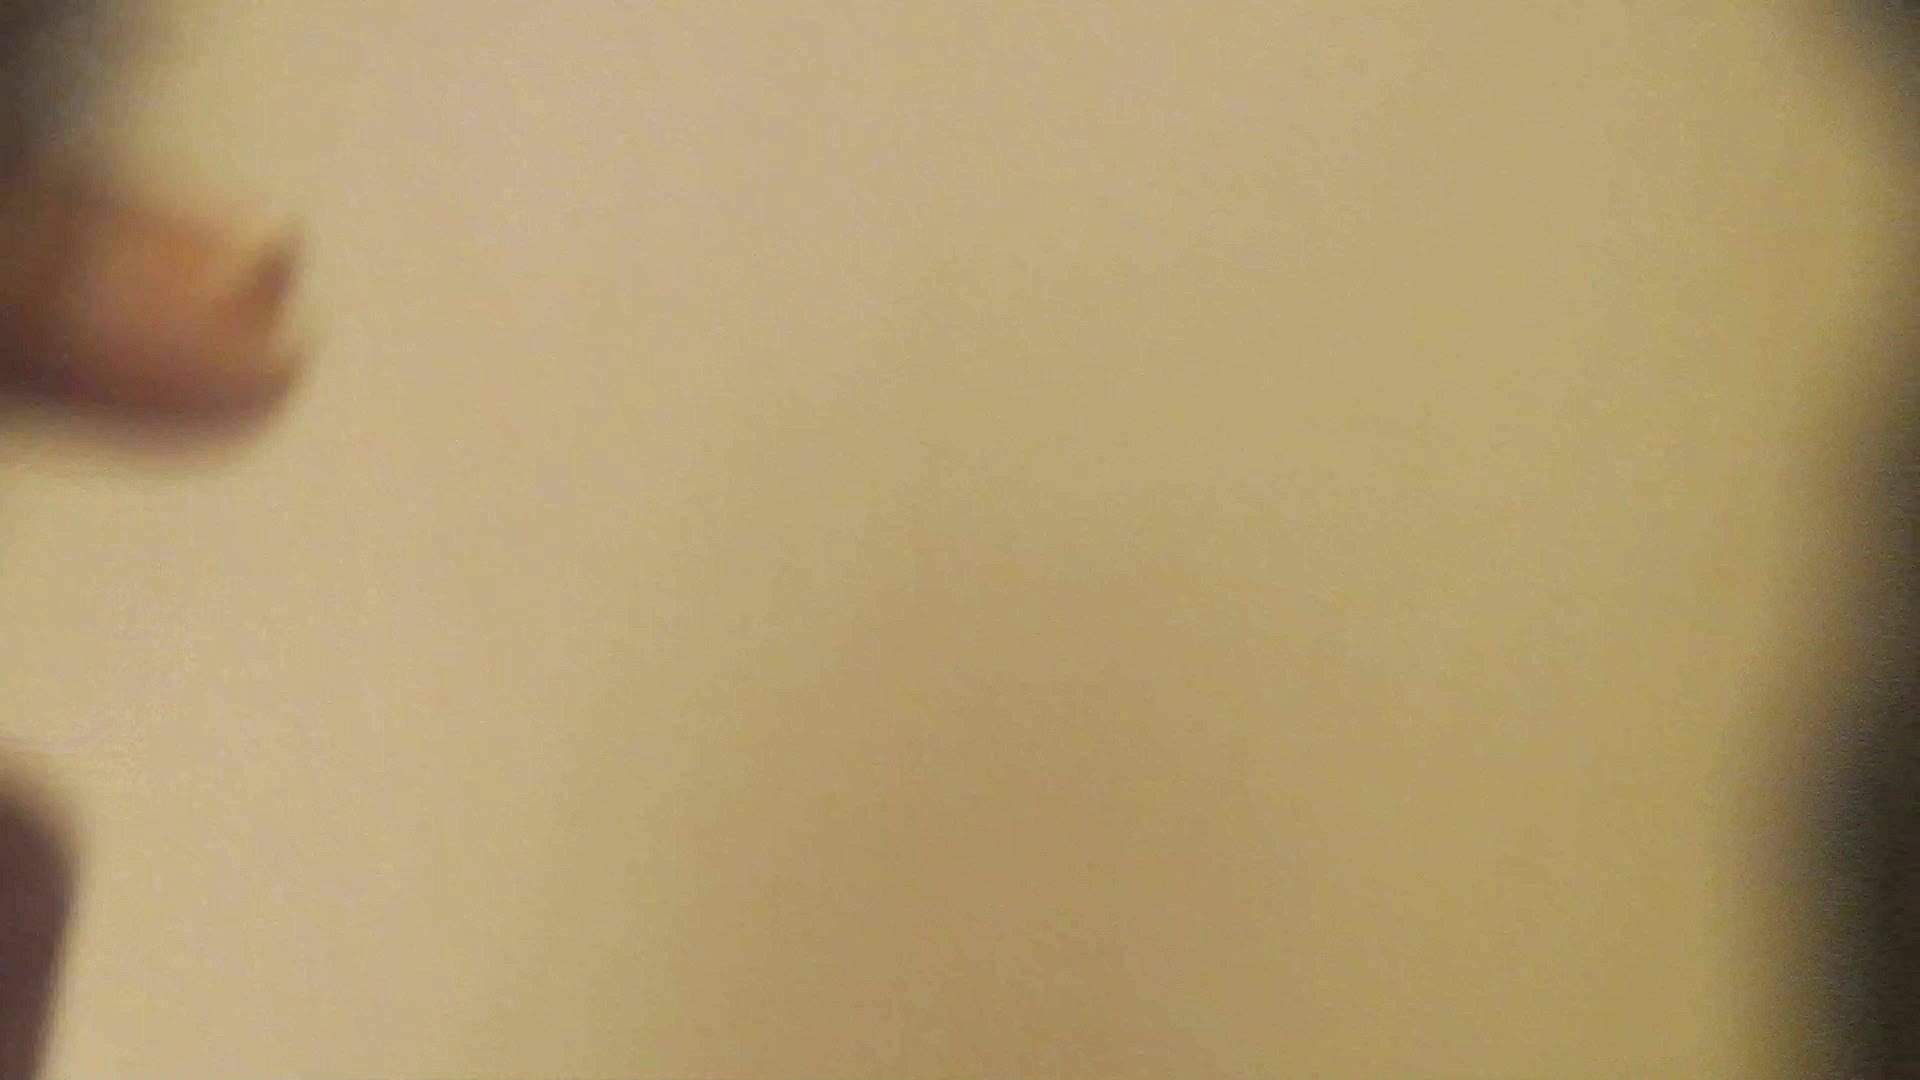 阿国ちゃんの「和式洋式七変化」No.5 和式で踏ん張り中   洗面所  39連発 11